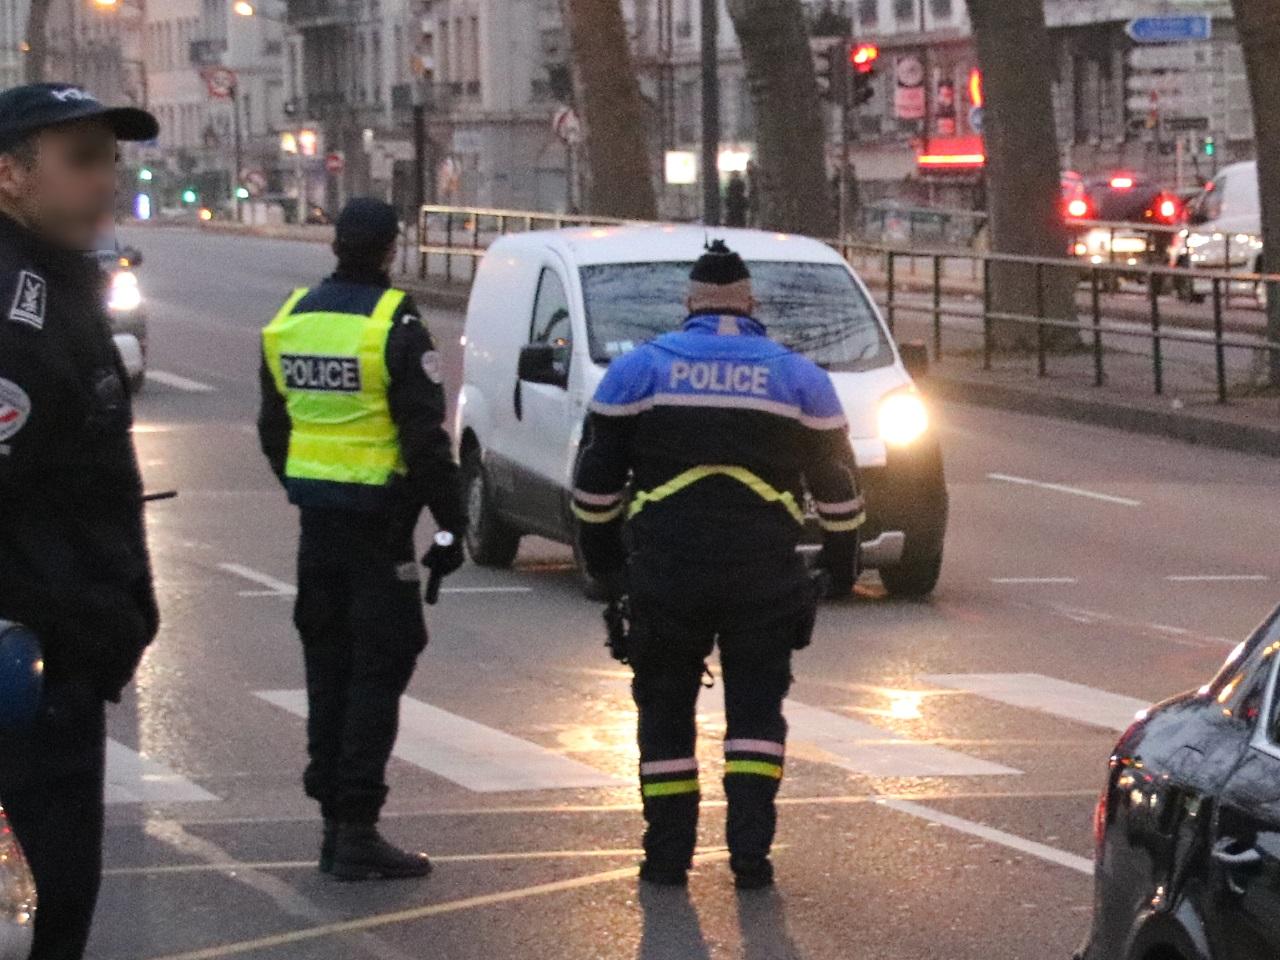 Lyon : un unijambiste sans permis roule à contresens sur l'autoroute